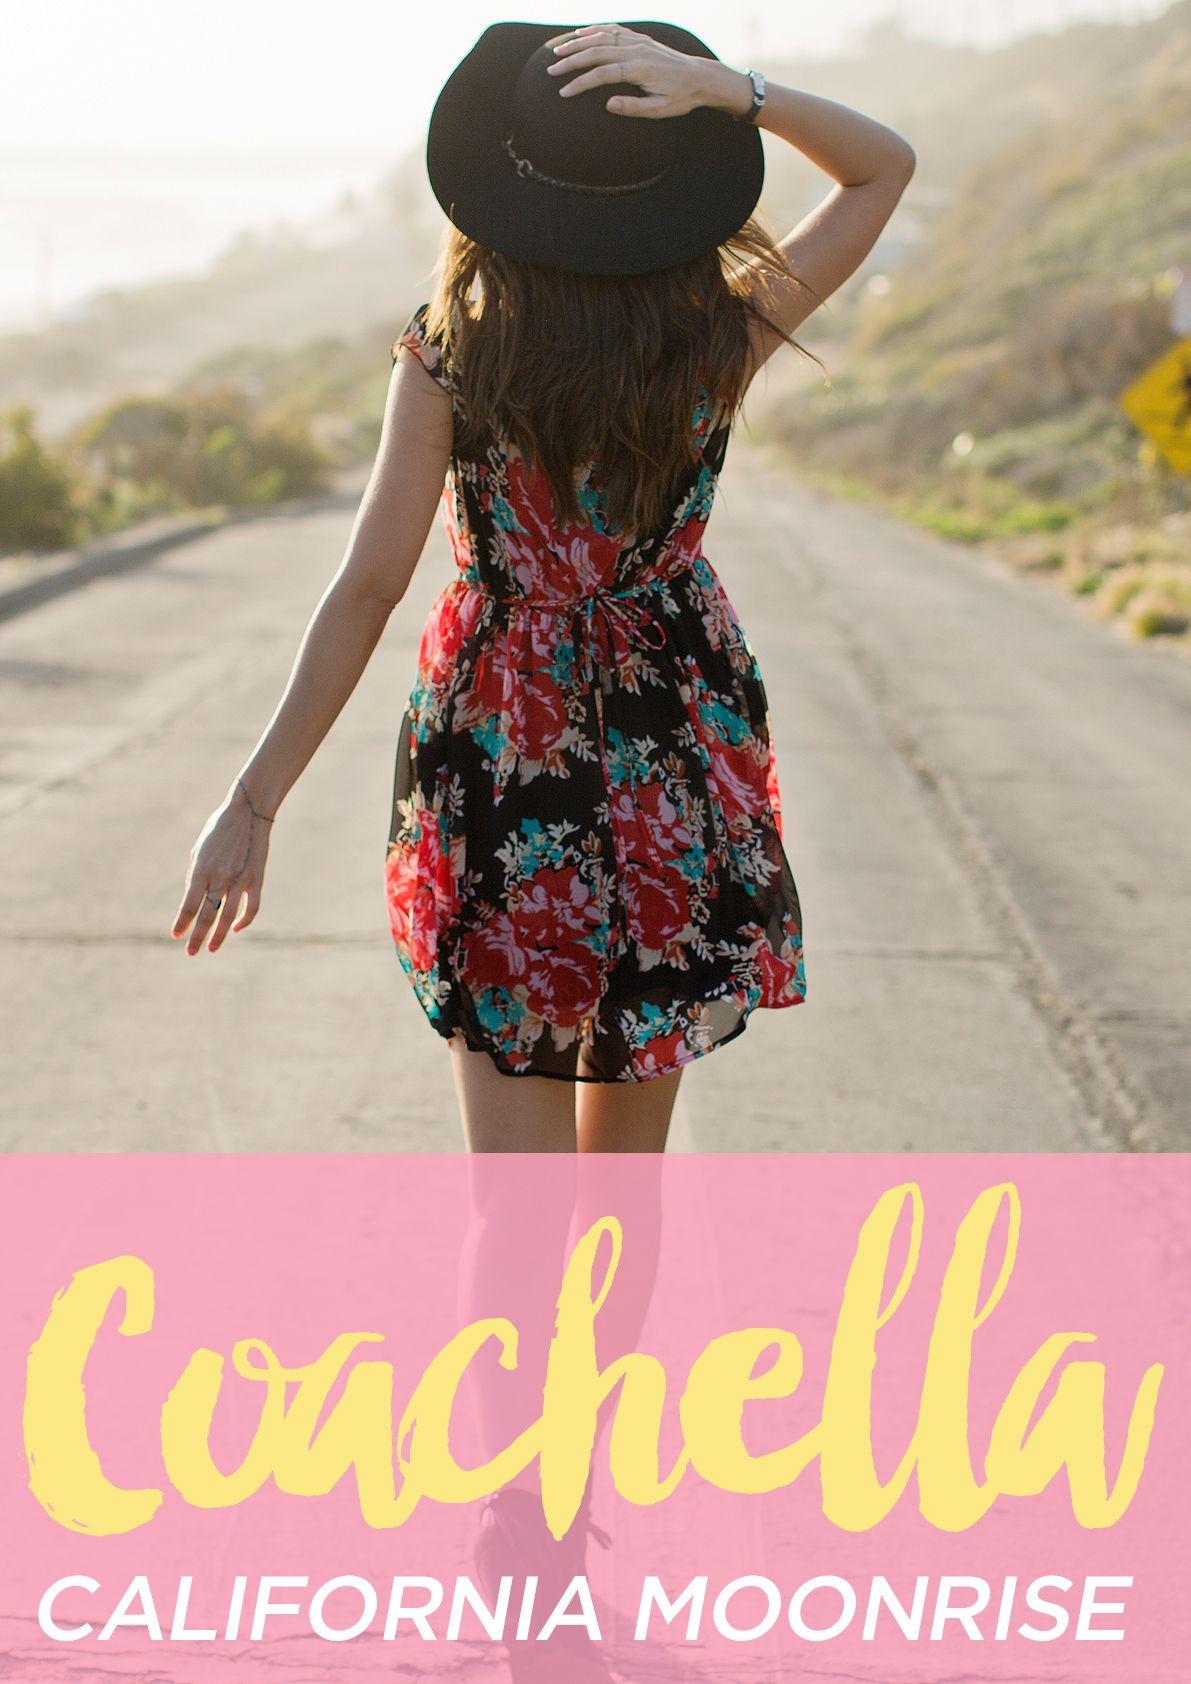 Coachella Fashion x California Moonrise